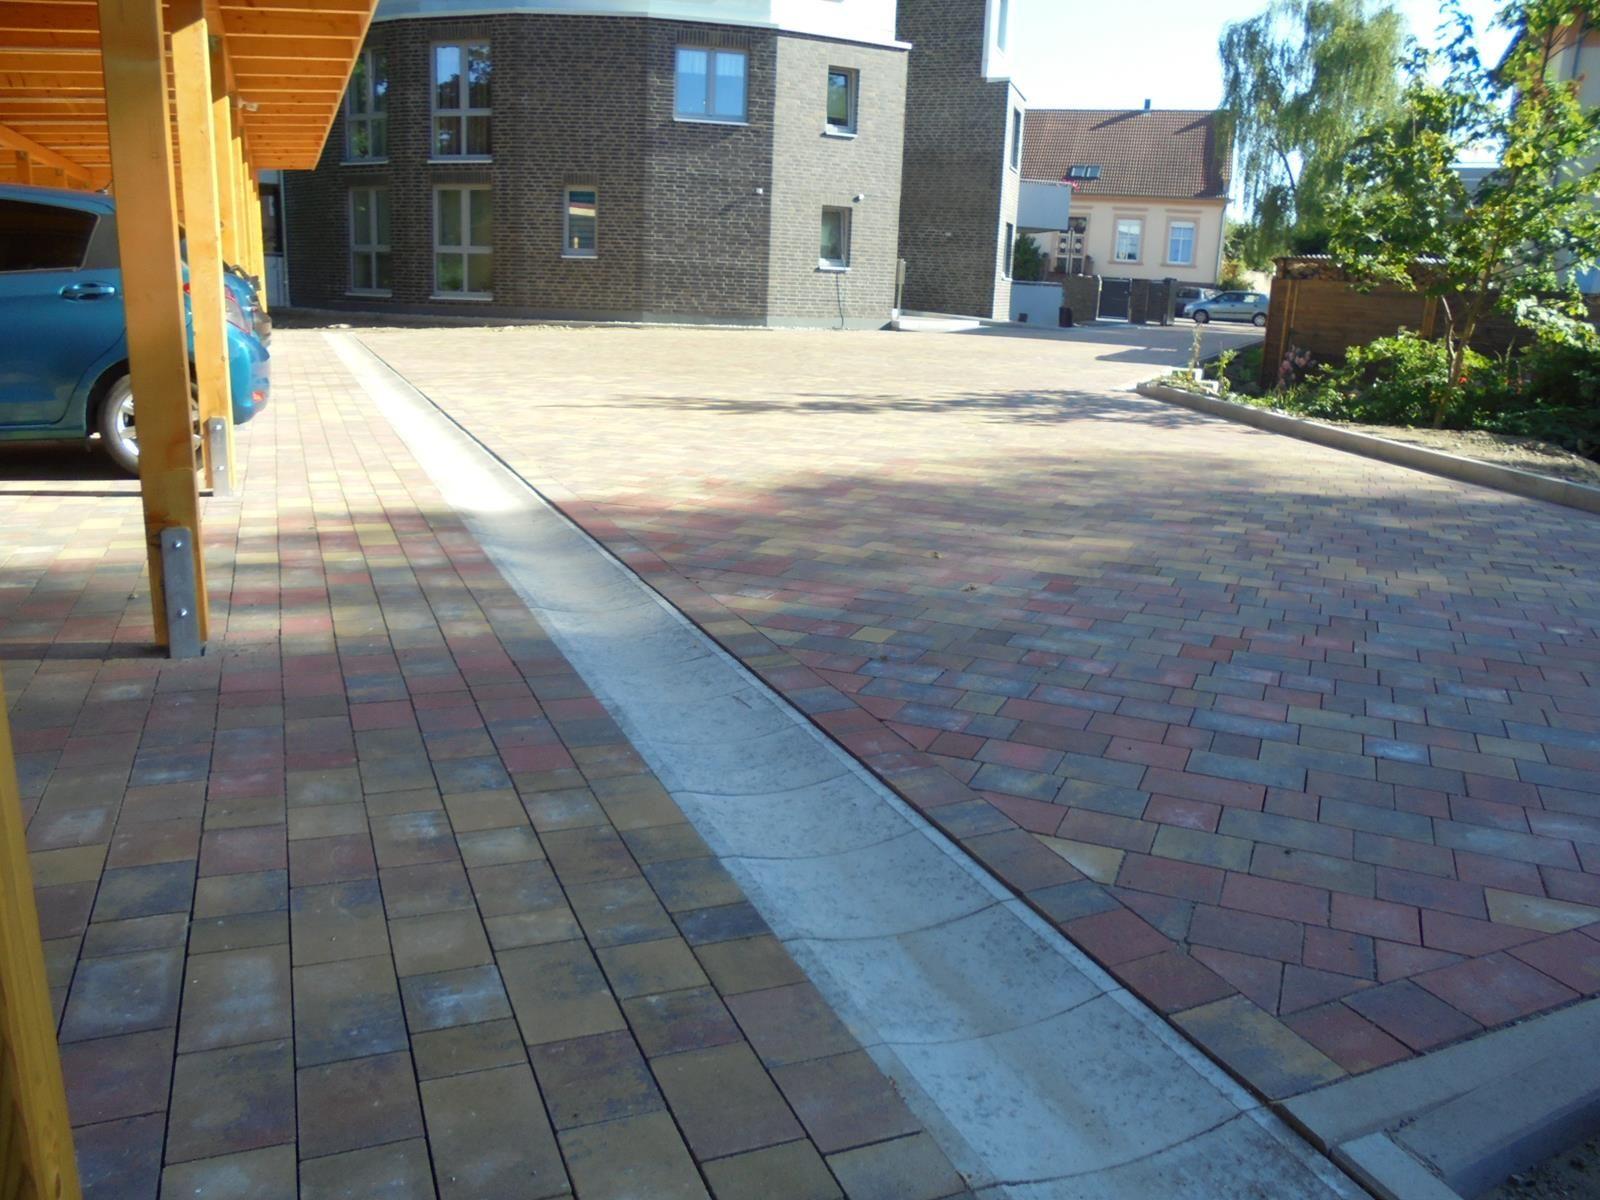 Beliebt Entwässerung | Freiraummanagement - Garten- und Landschaftsgestaltung SZ88